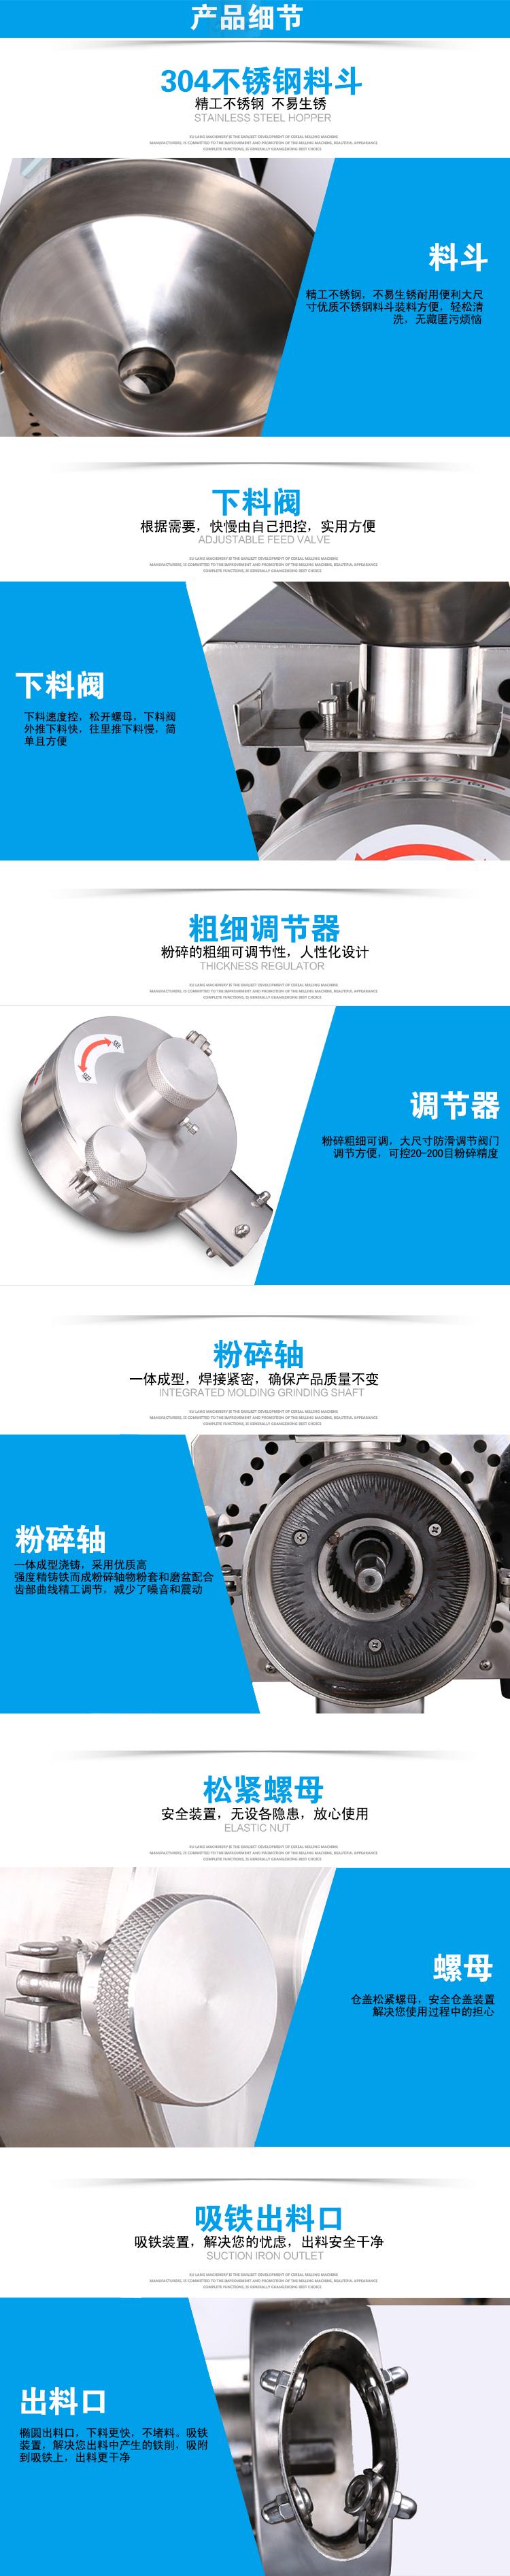 汽油五谷杂粮磨粉机产品细节